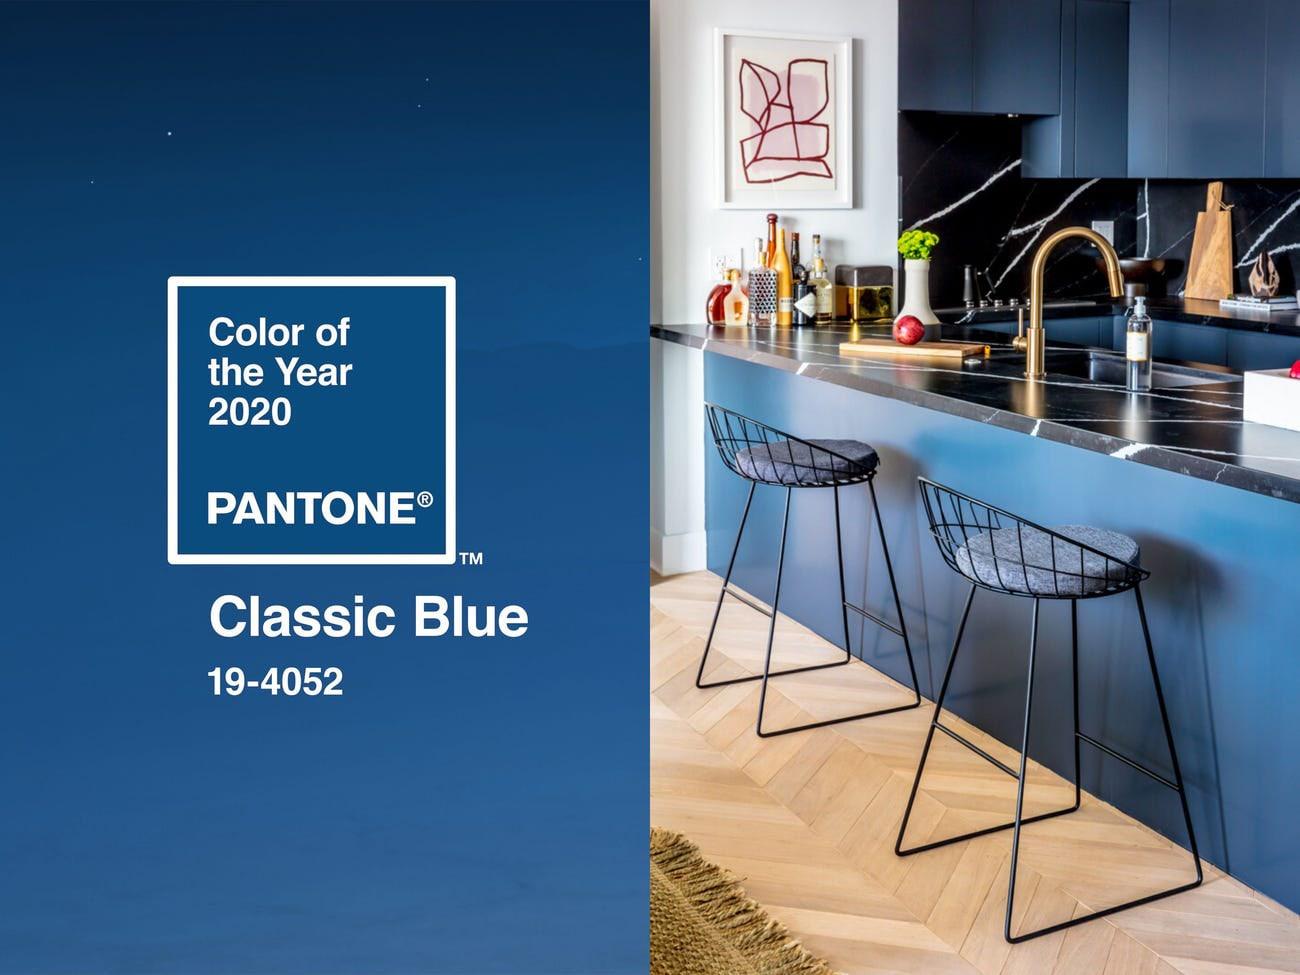 Gợi ý cách kết hợp màu xanh cổ điển trong thiết kế phòng bếp - Đón đầu xu hướng mới 2020